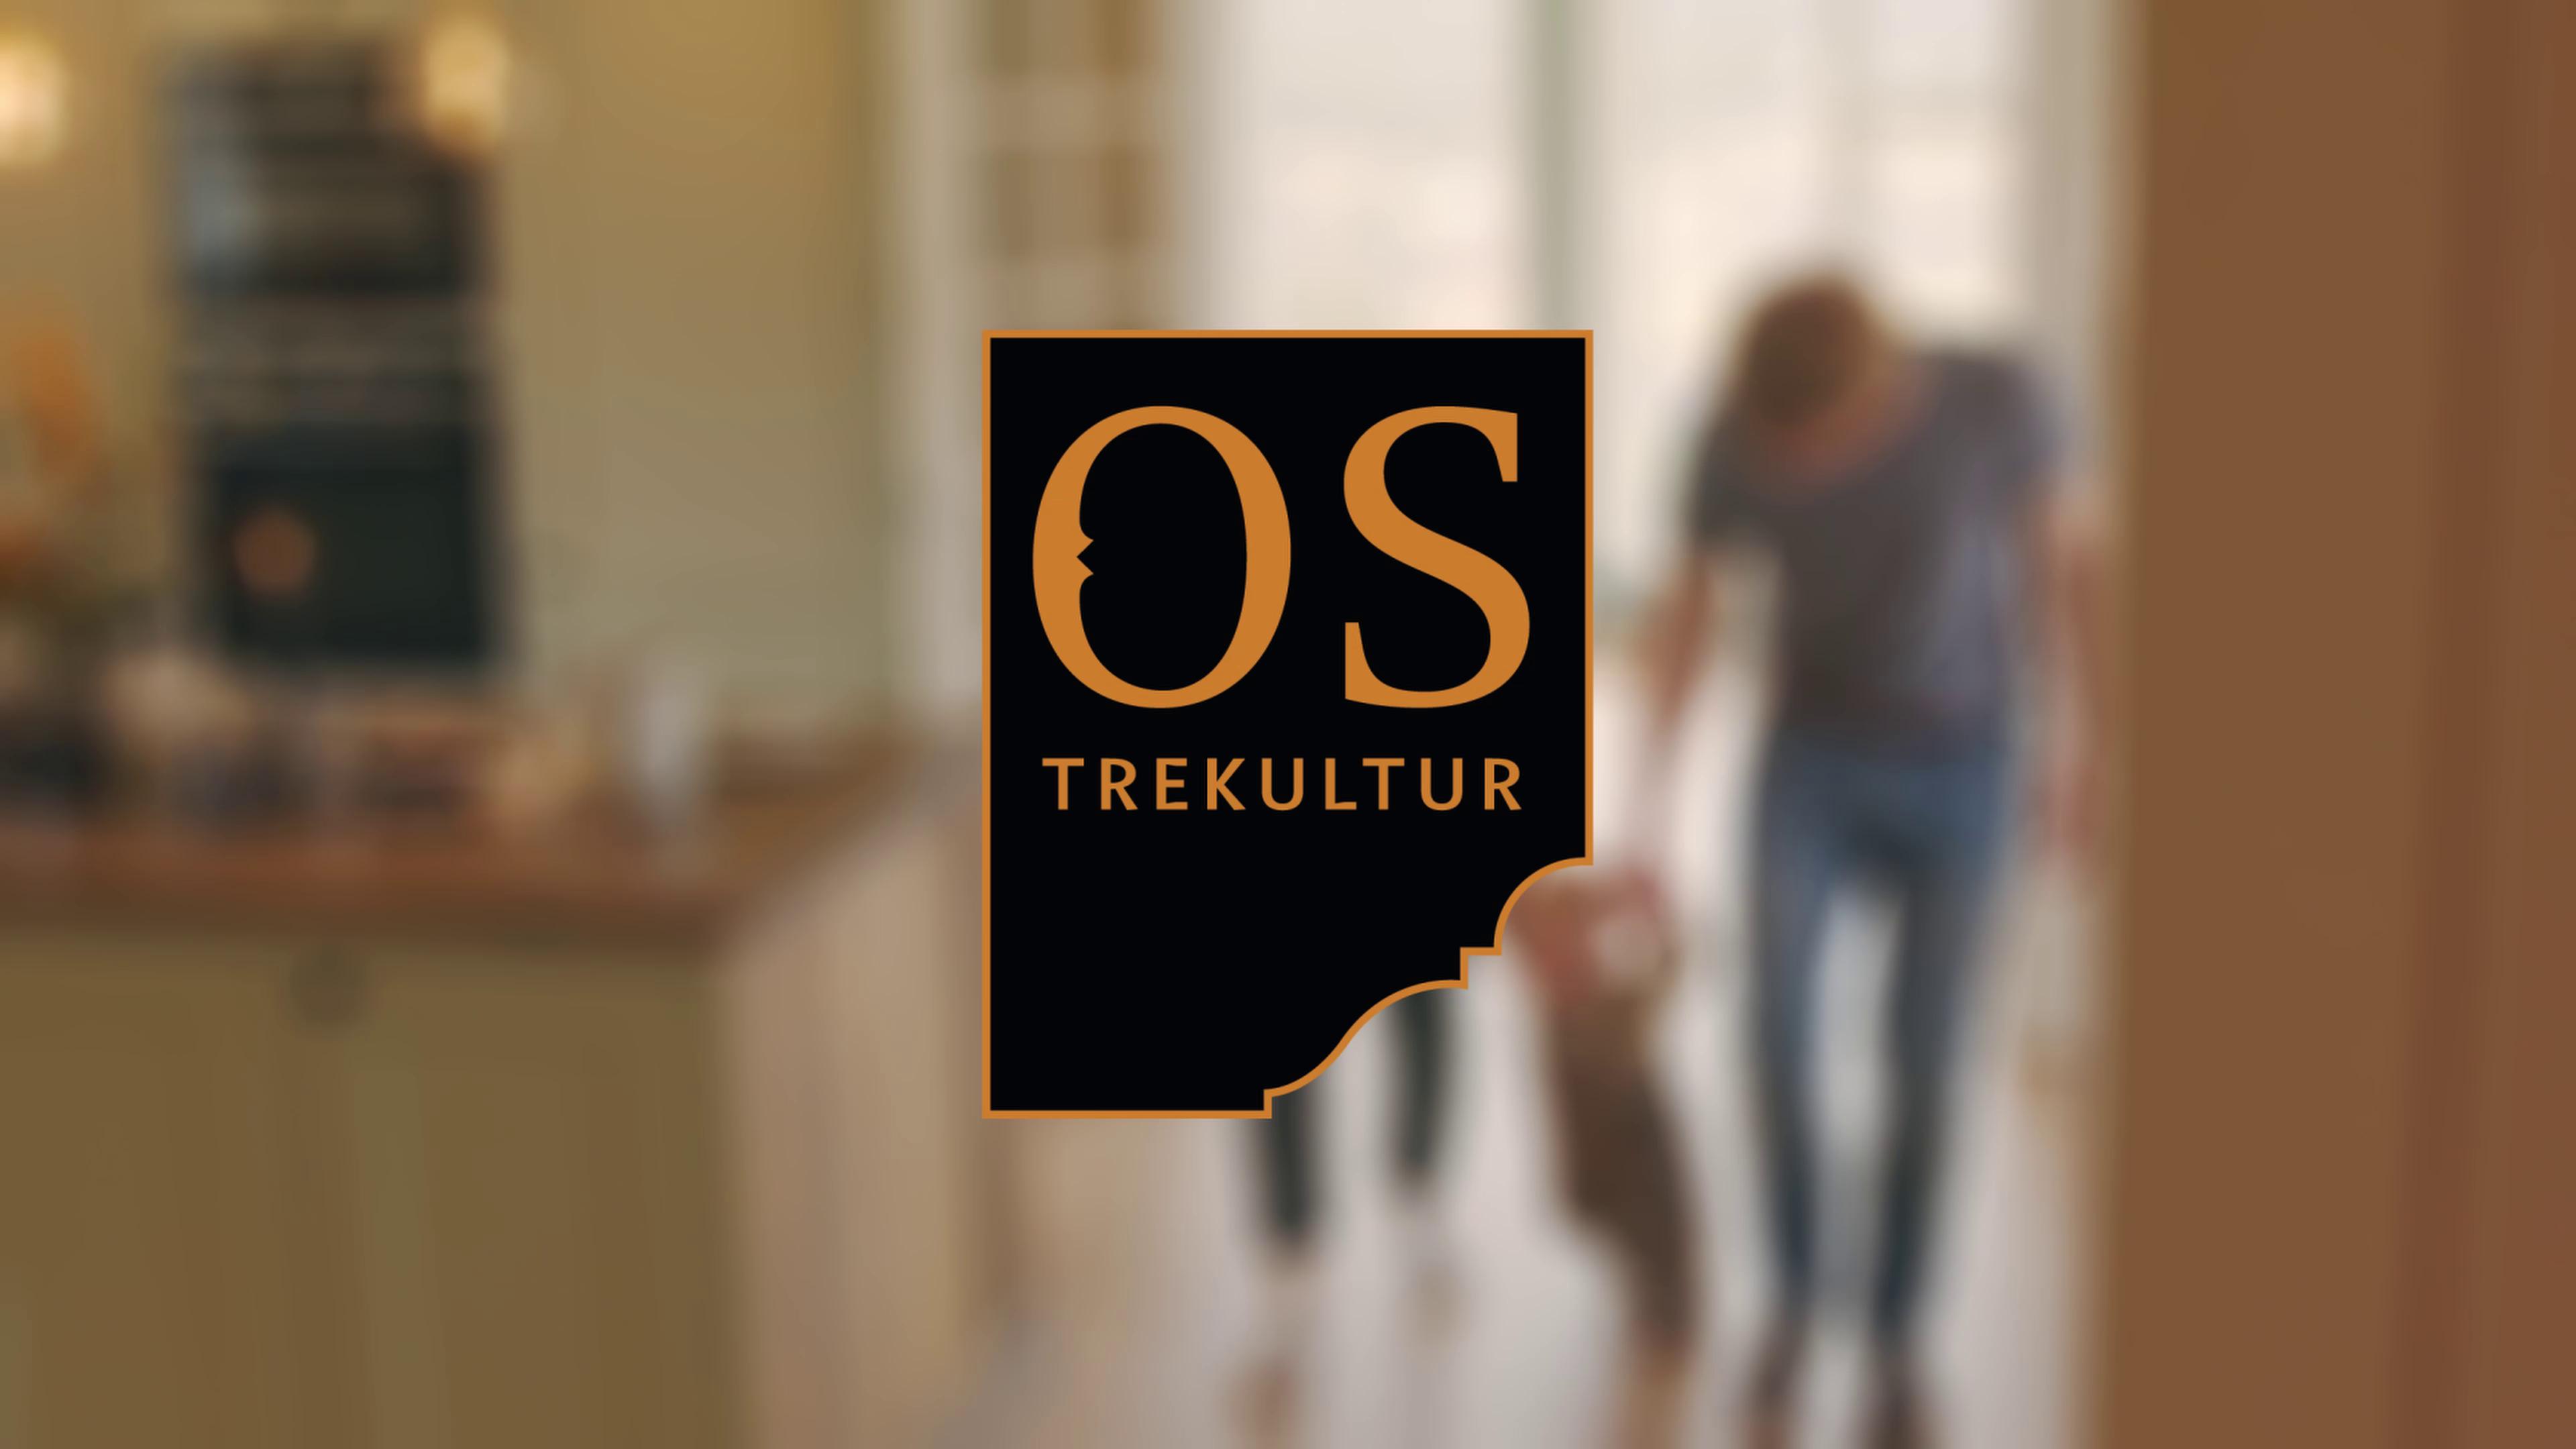 Markedsføring for Os Trekultur